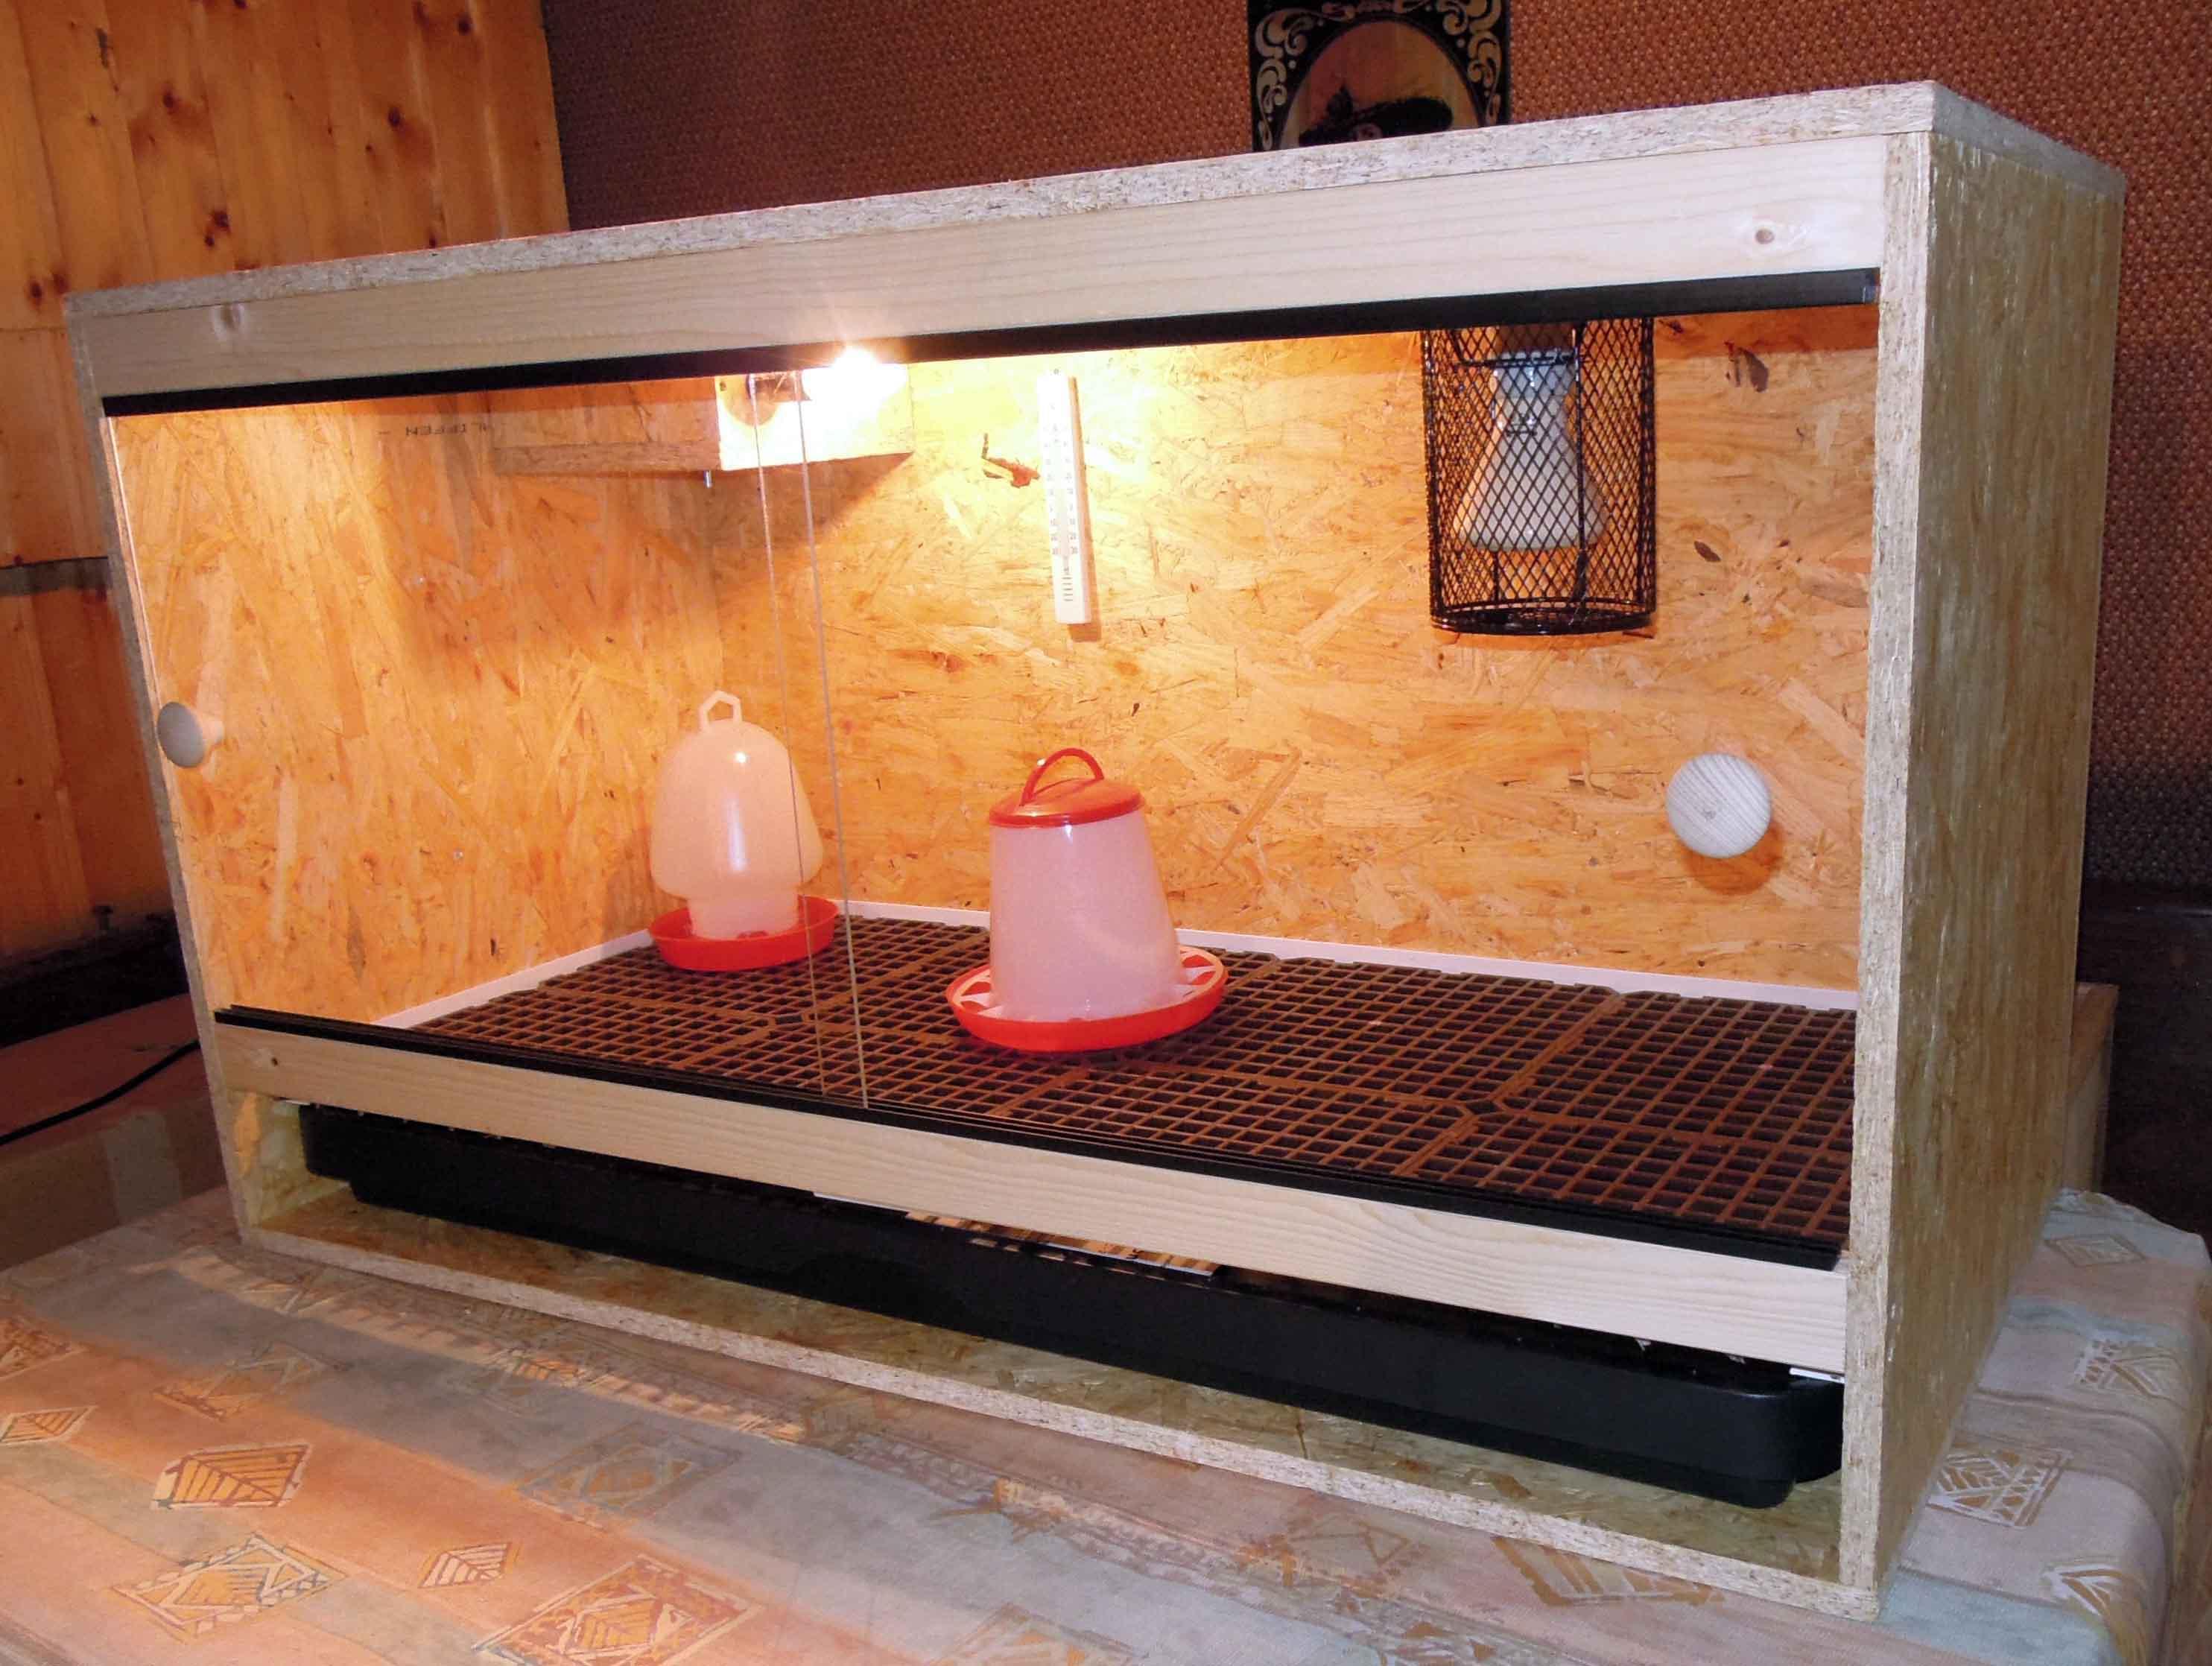 h hnerzucht. Black Bedroom Furniture Sets. Home Design Ideas